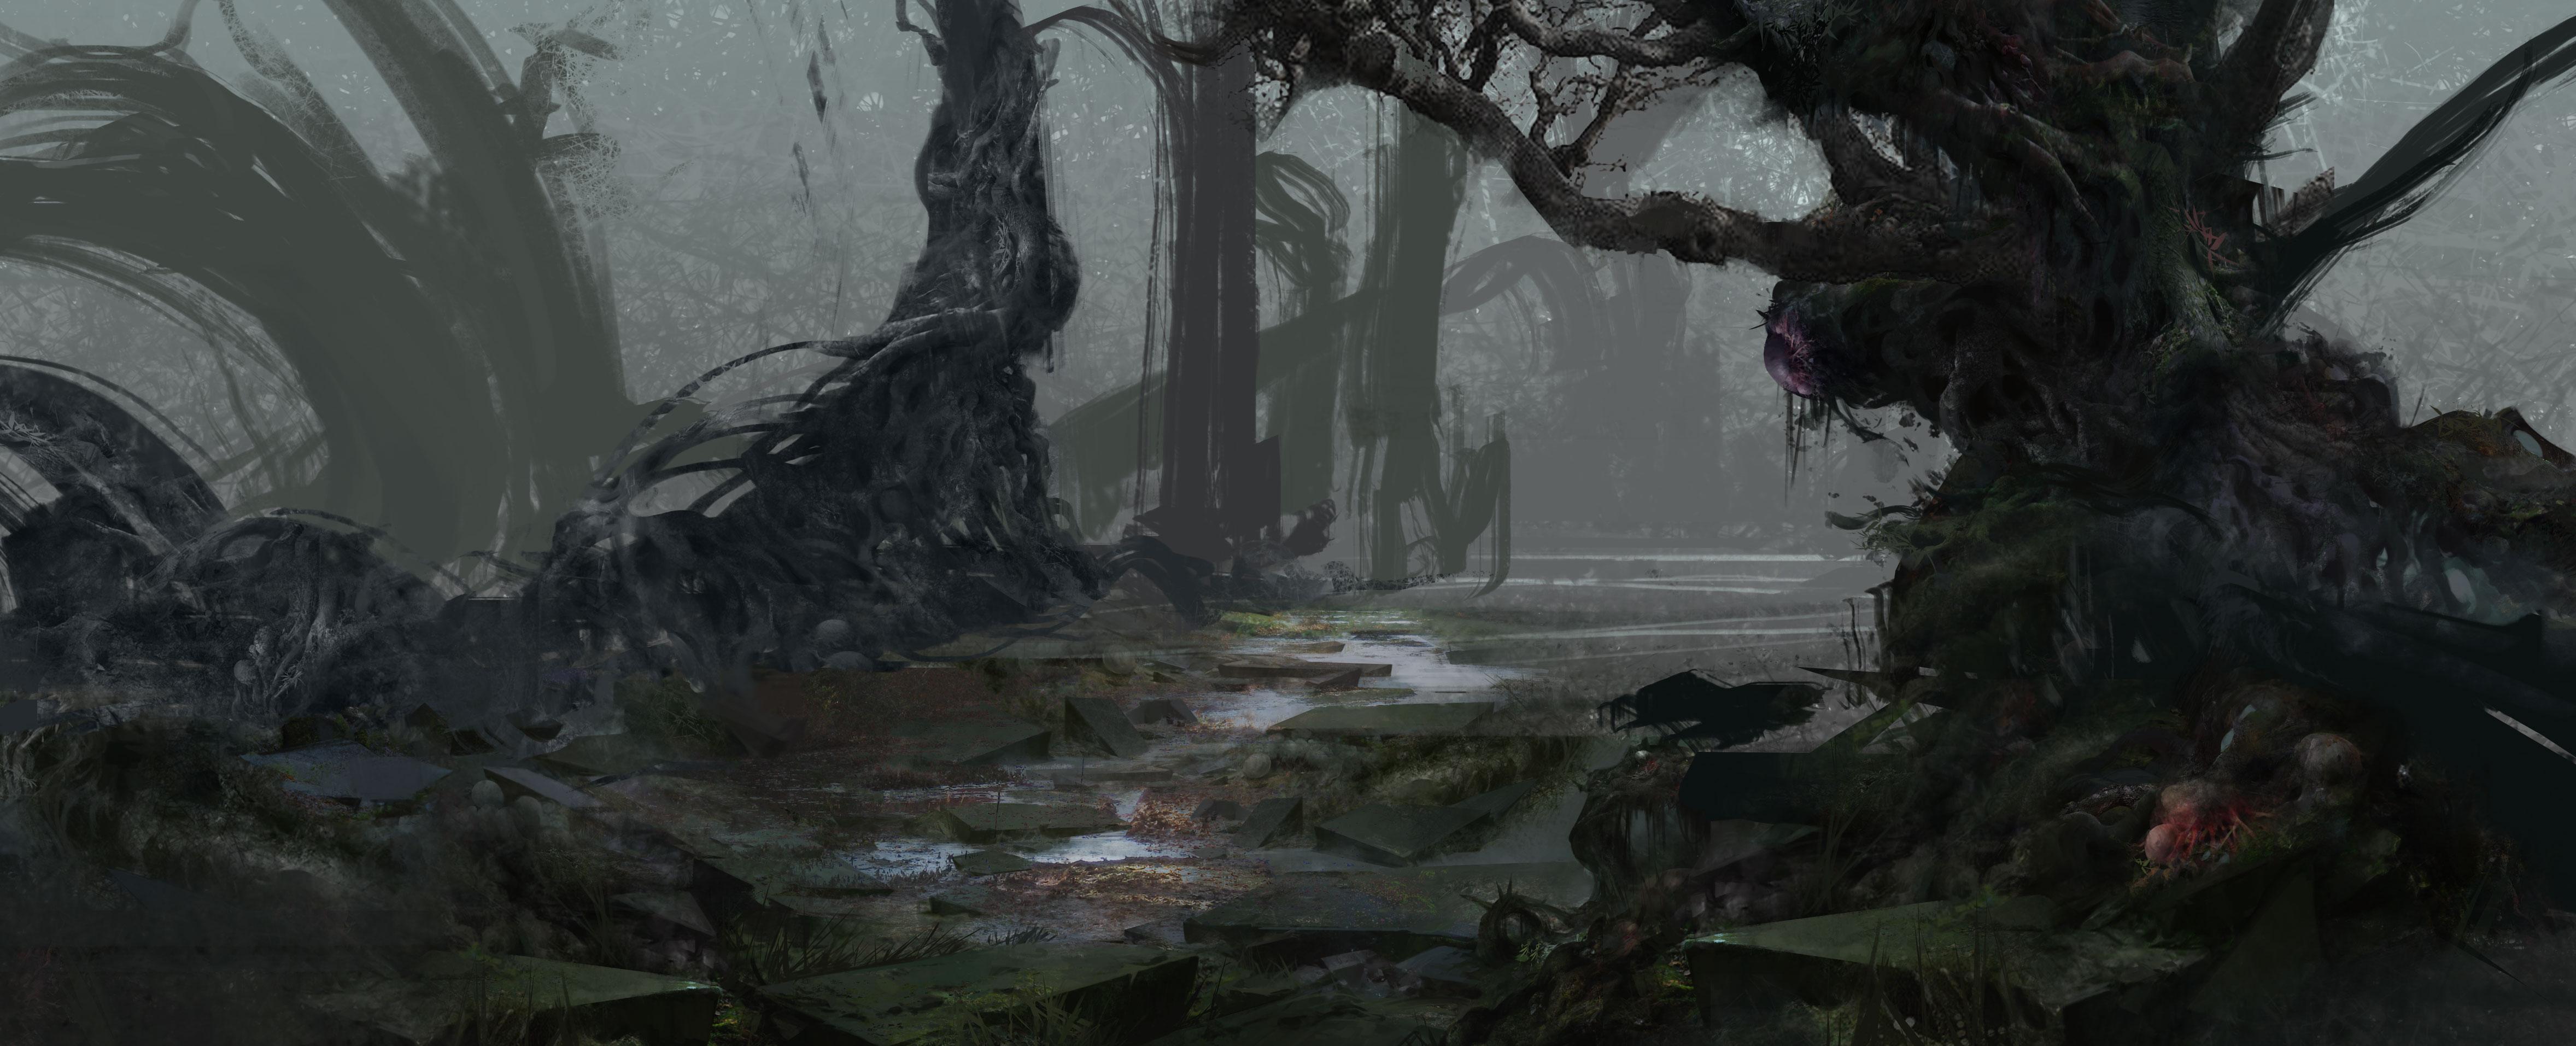 【黑暗森林-迷雾恐怖】步骤图